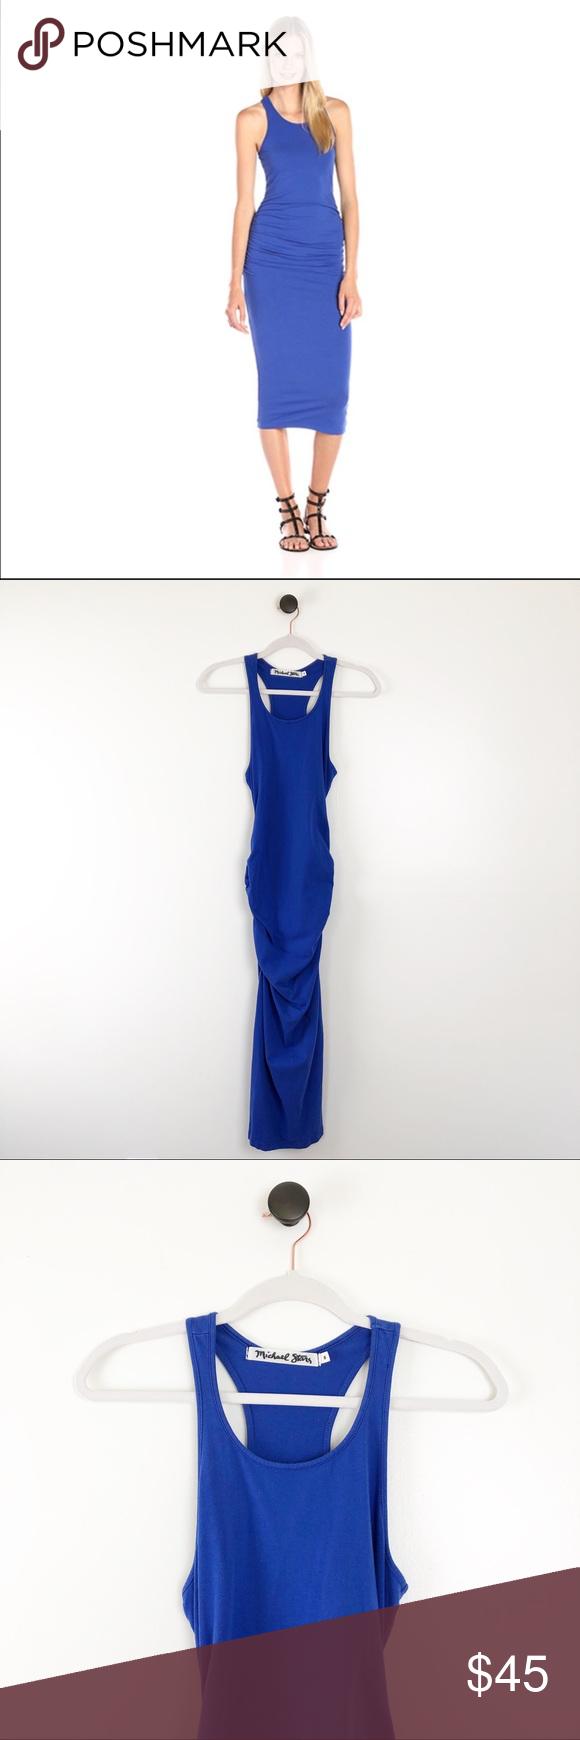 Michael Stars Racerback Midi Dress Blue Size Small Racerback Midi Dress Blue Midi Dress Clothes Design [ 1740 x 580 Pixel ]